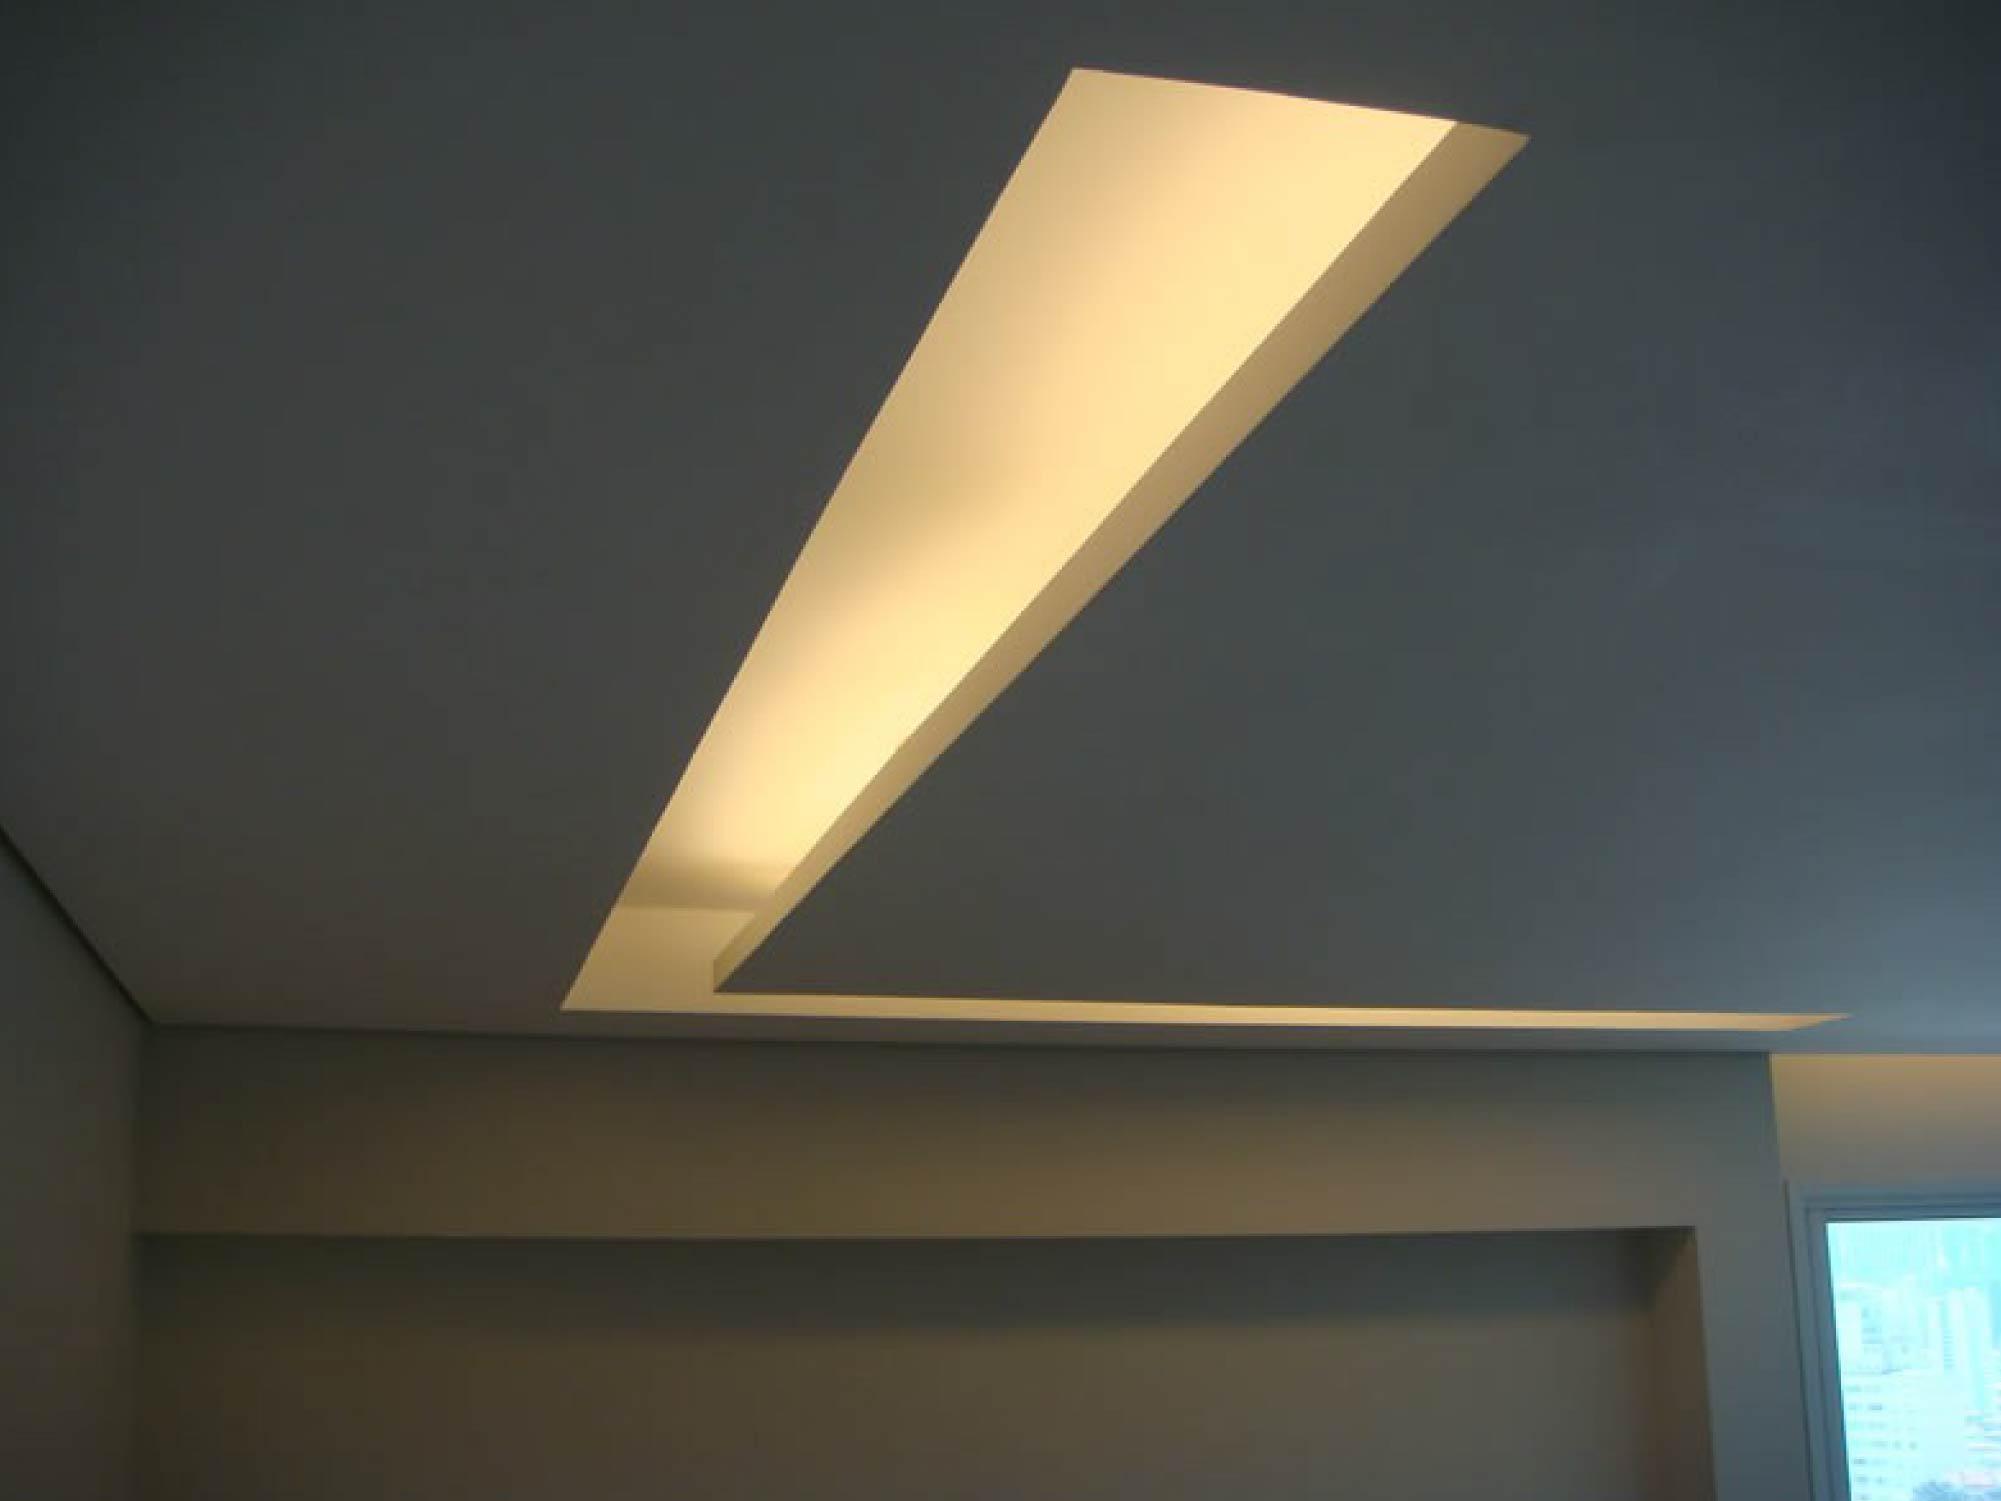 rasgo de luz no teto de gesso em formato de l